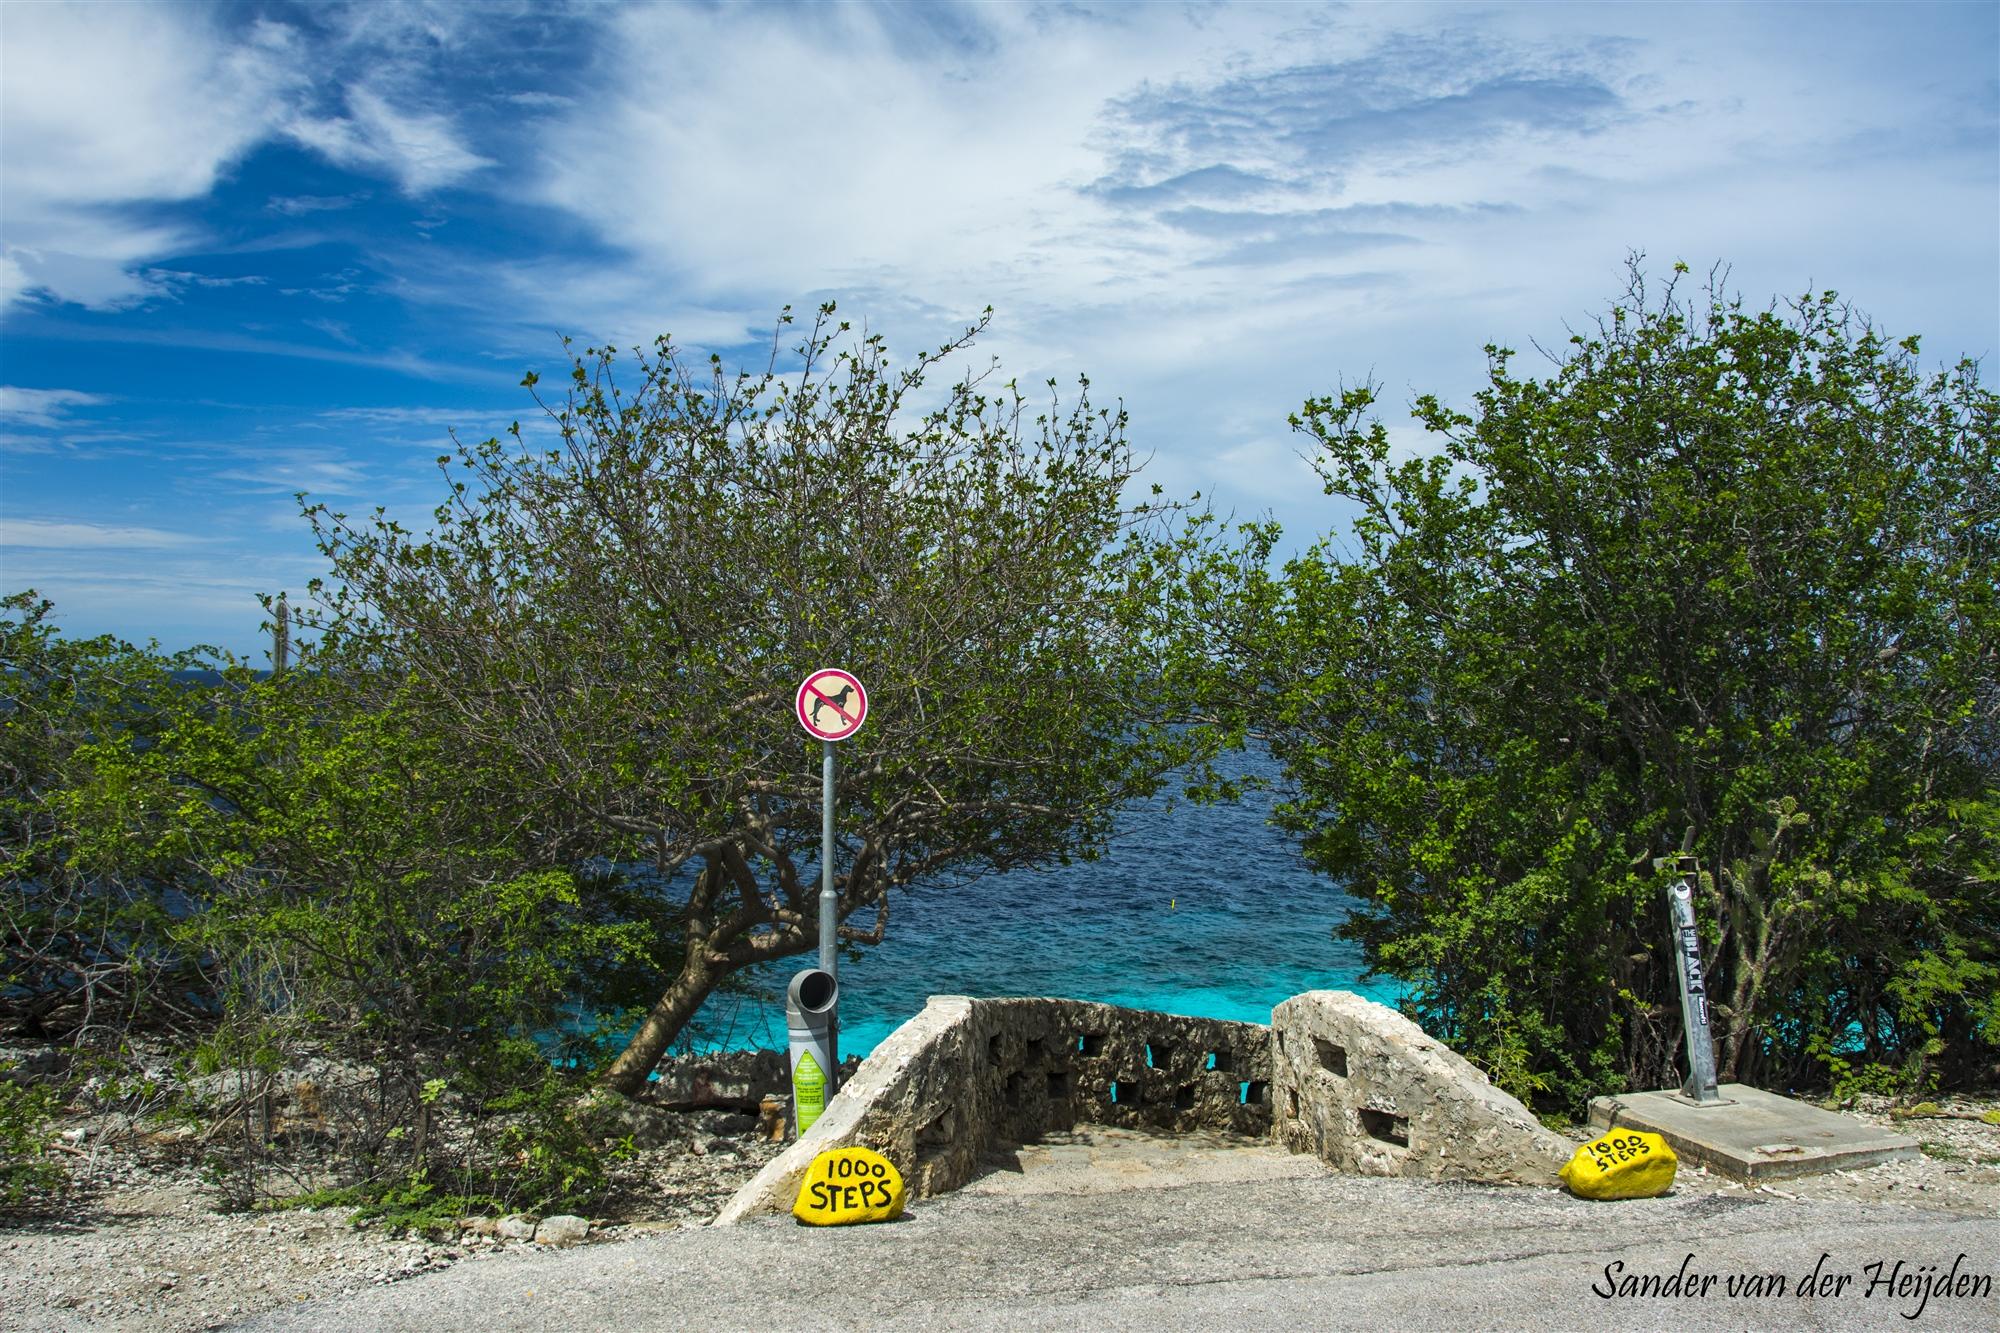 Sander van der Heijden - 1000 steps Bonaire